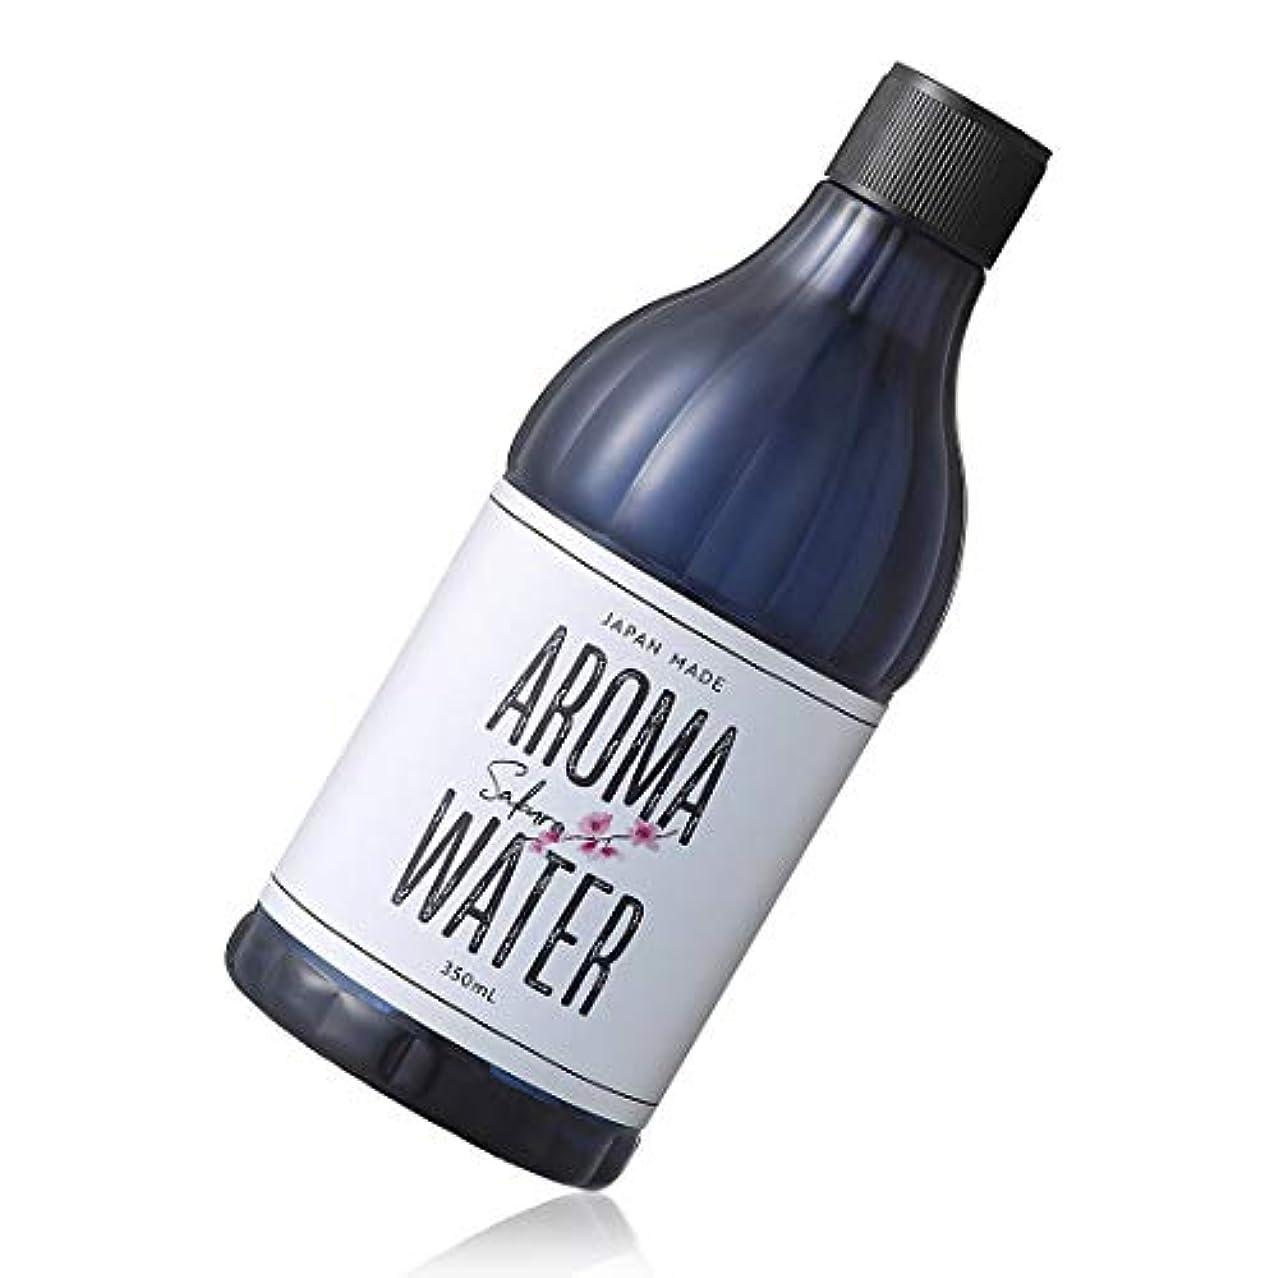 リラックスしたあさり押すデイリーアロマジャパン アロマウォーター 加湿器用 350ml 日本製 水溶性アロマ - サクラ